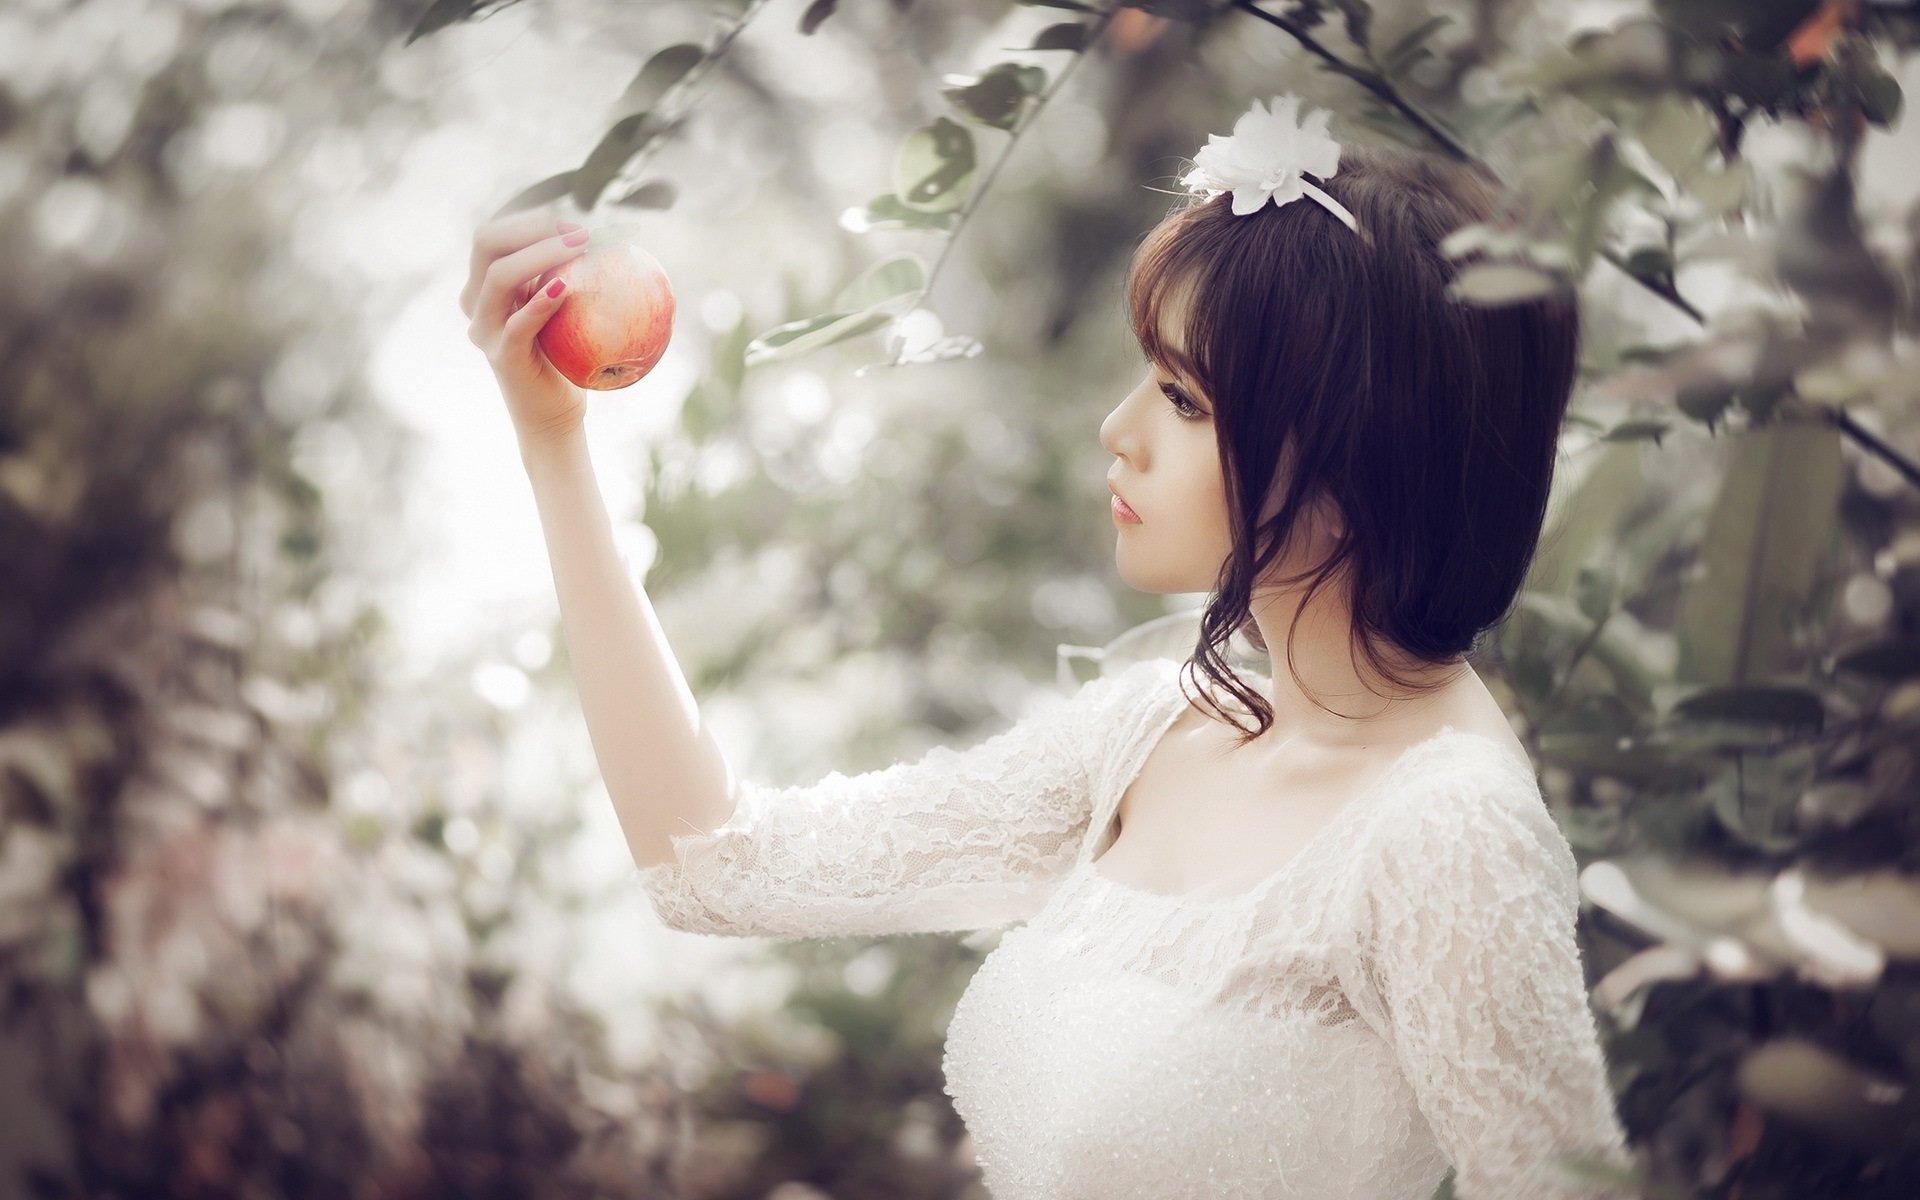 Women - Asian  Model Girl Apple Brunette White Dress Bokeh Wallpaper